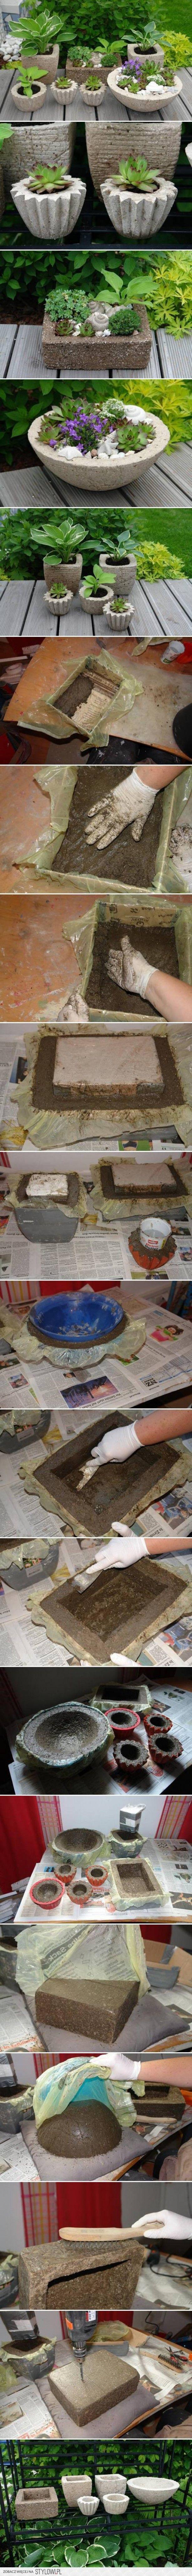 Zelf plantenbakken maken van beton